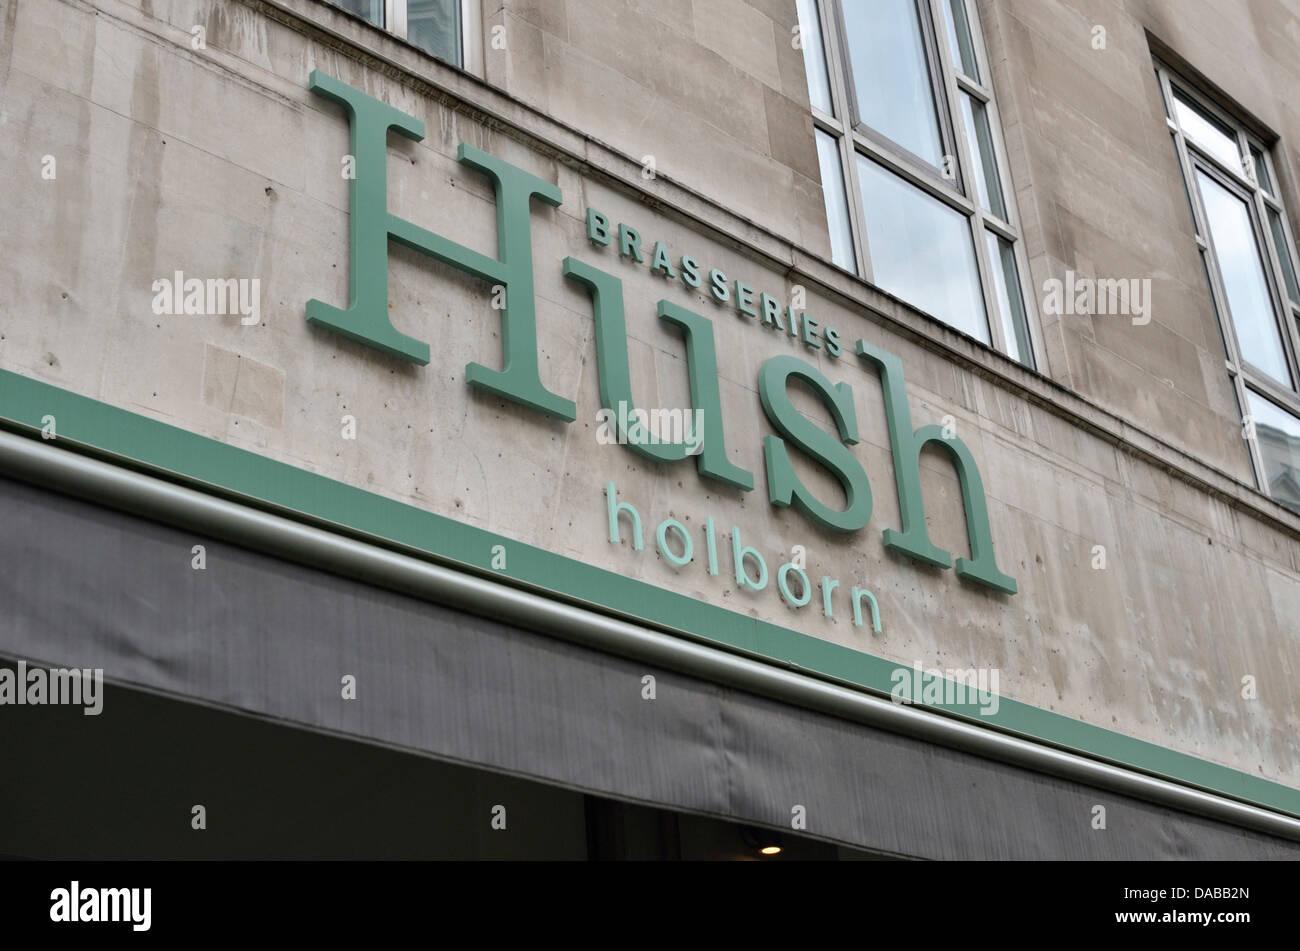 Hush brasserie restaurant, High Holborn, Holborn, London, UK. - Stock Image